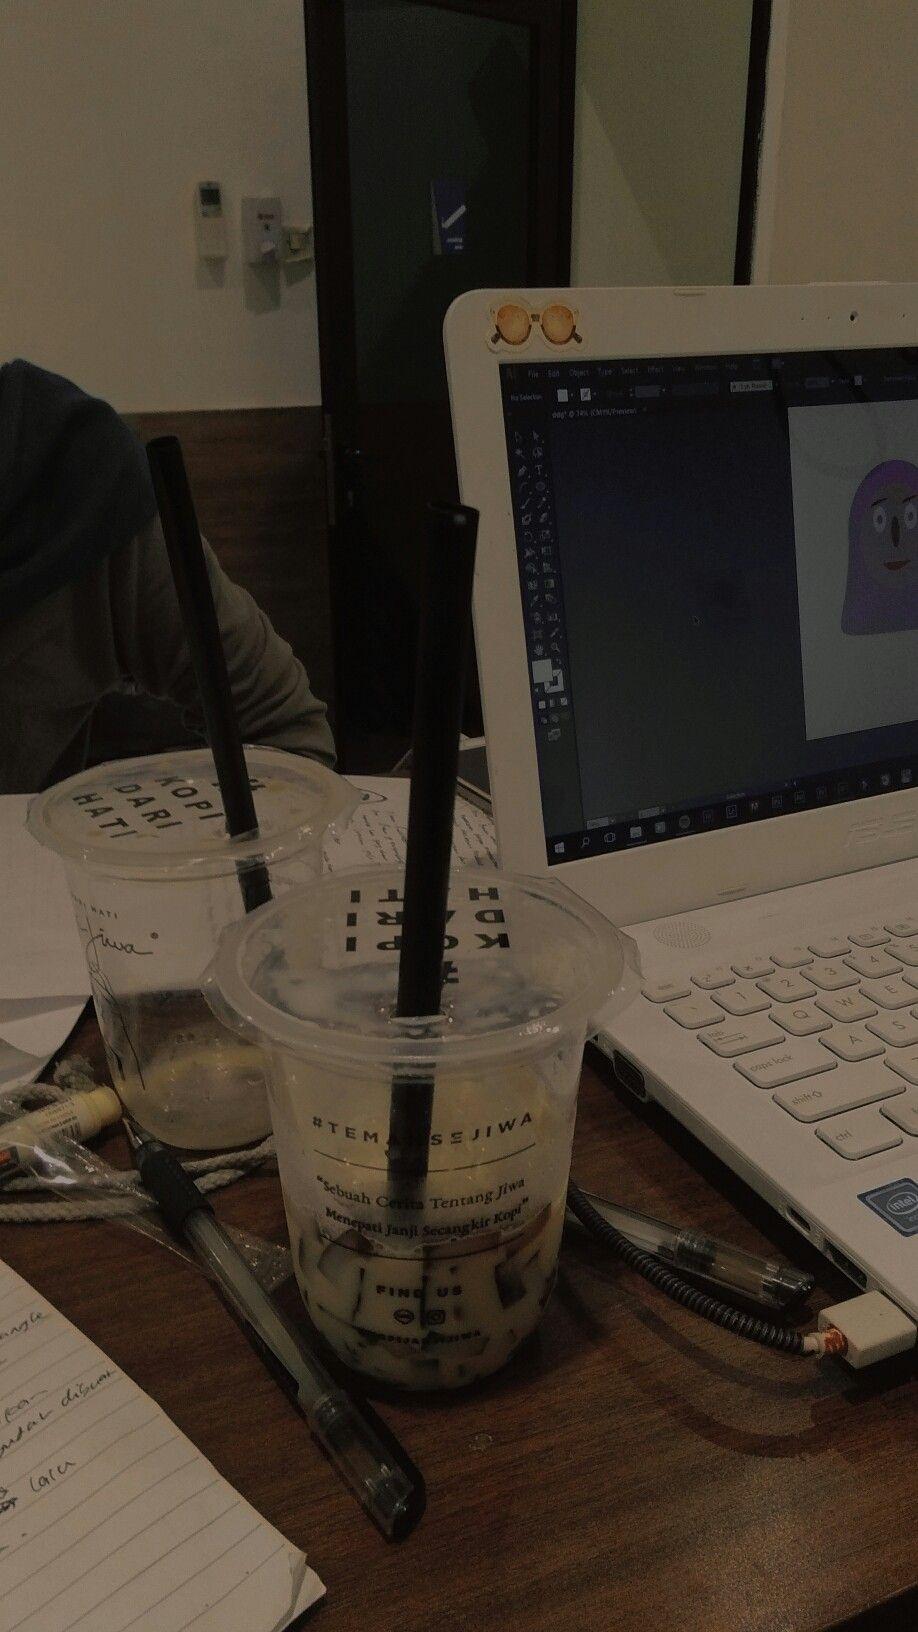 Janji Jiwa Minuman Smoothies Karya Seni Kopi Hari Hujan